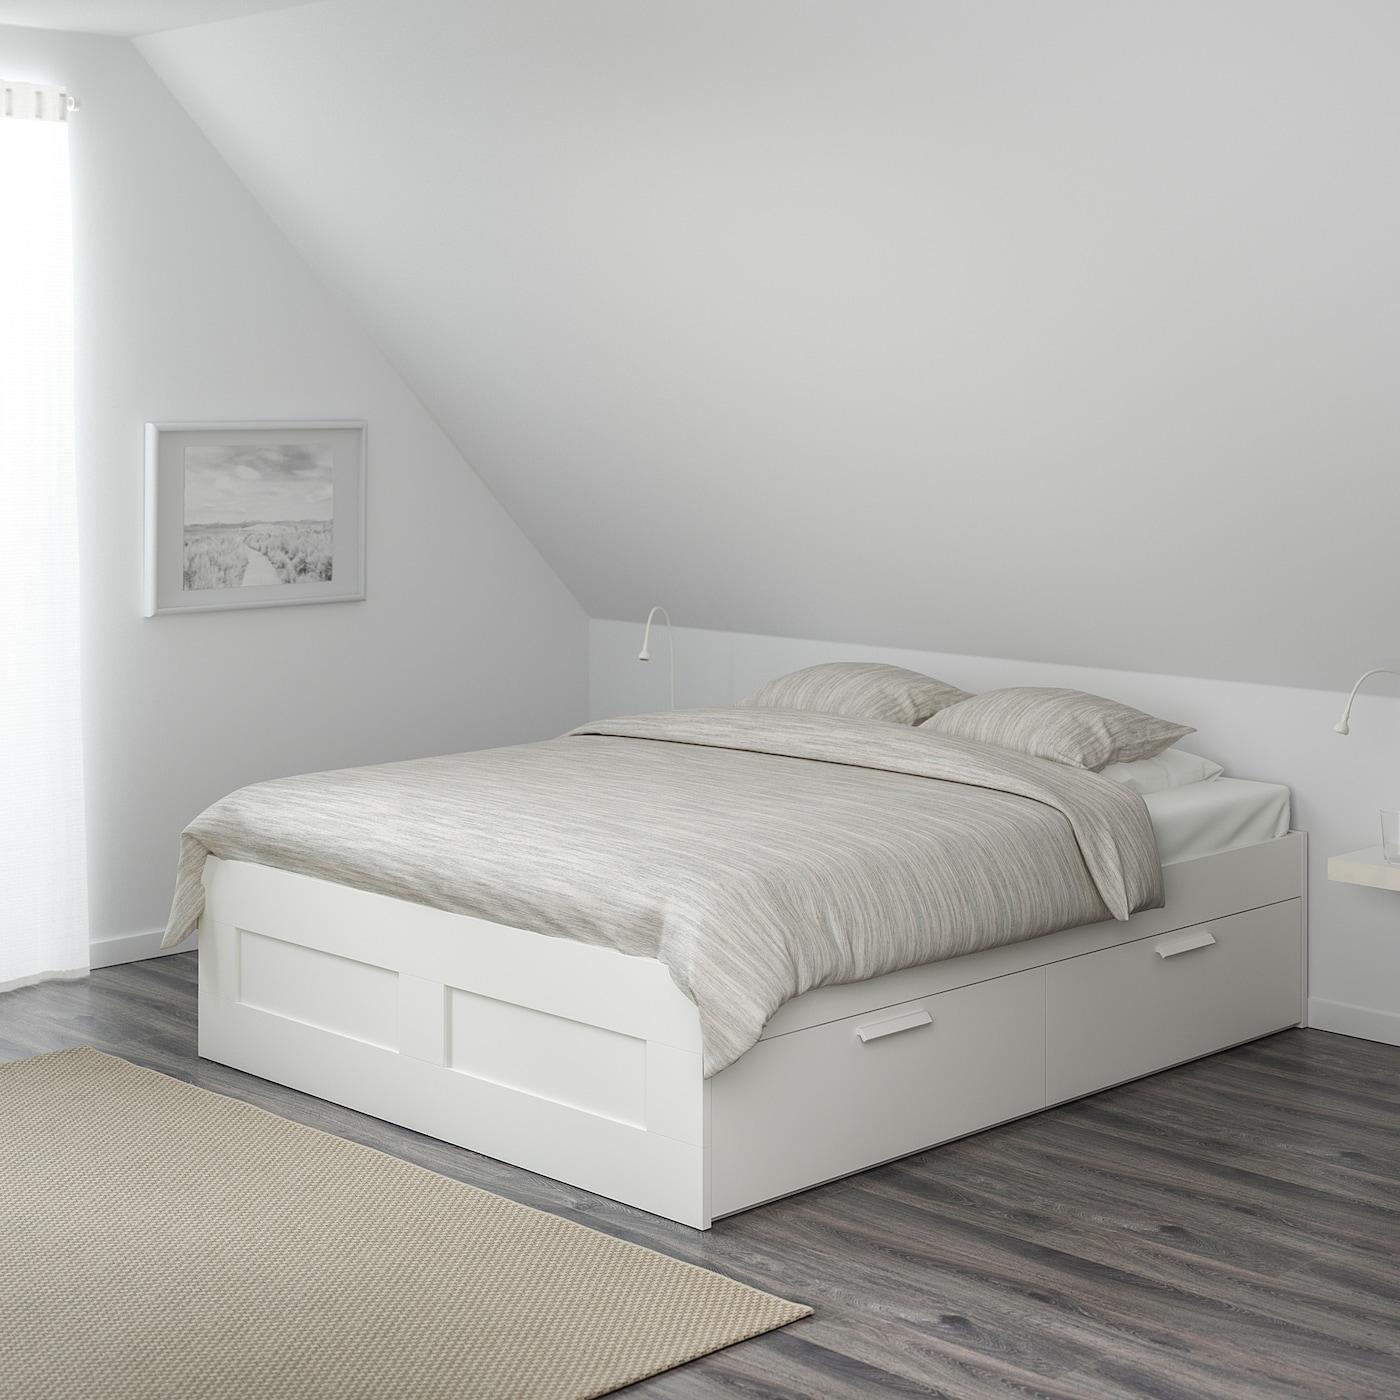 Full Size of Ikea Bett 120x200 Brimnes Mit Schubladen Perfekt Fr Das Jugendzimmer 180x220 Betten 160x200 De Stauraum 140x200 Wasser Hülsta Ausziehbares Kaufen Somnus Wohnzimmer Ikea Bett 120x200